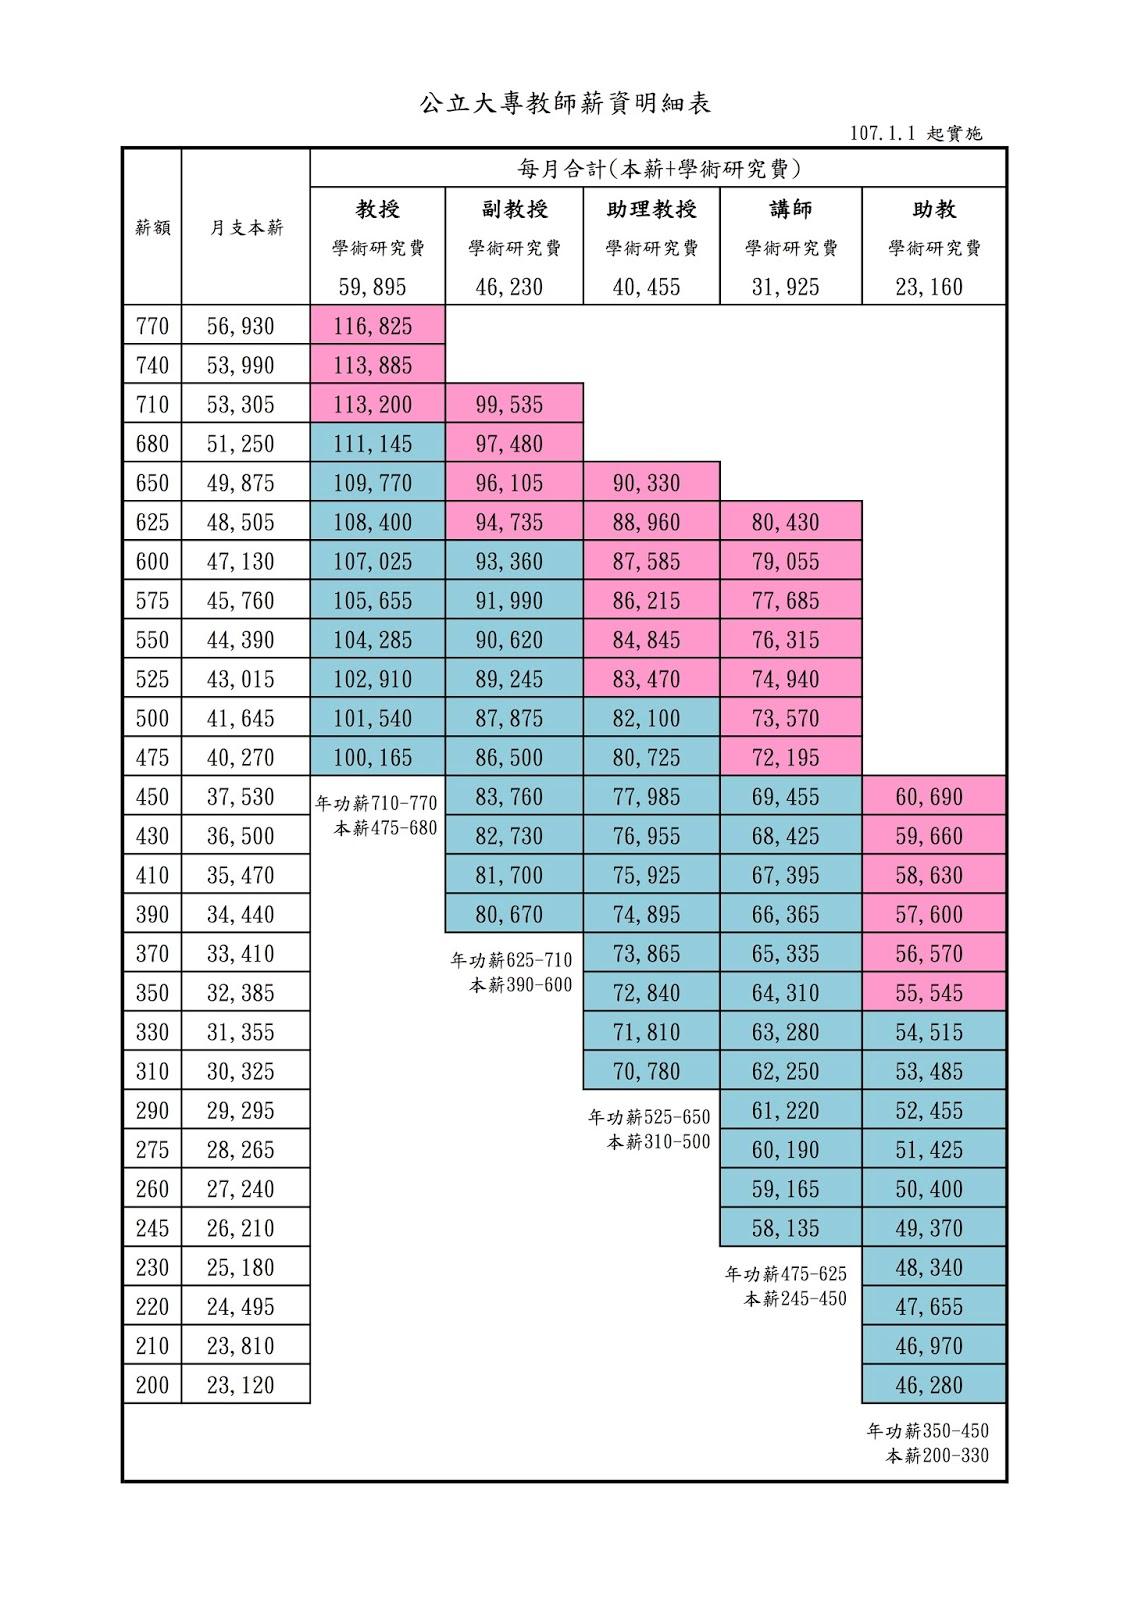 阿就操場啊~: 2018 公立大專教師薪資表